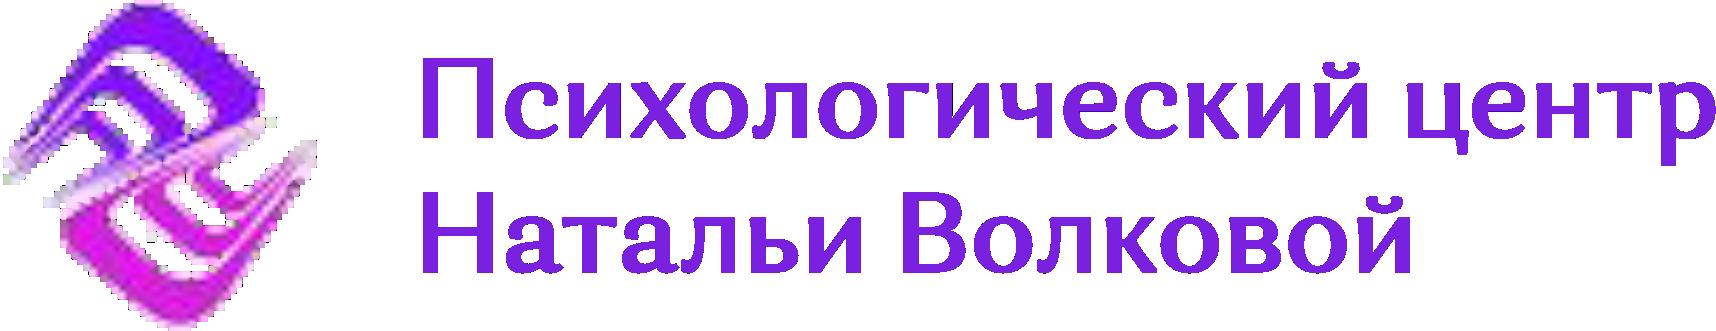 Психологический центр Натальи Волковой